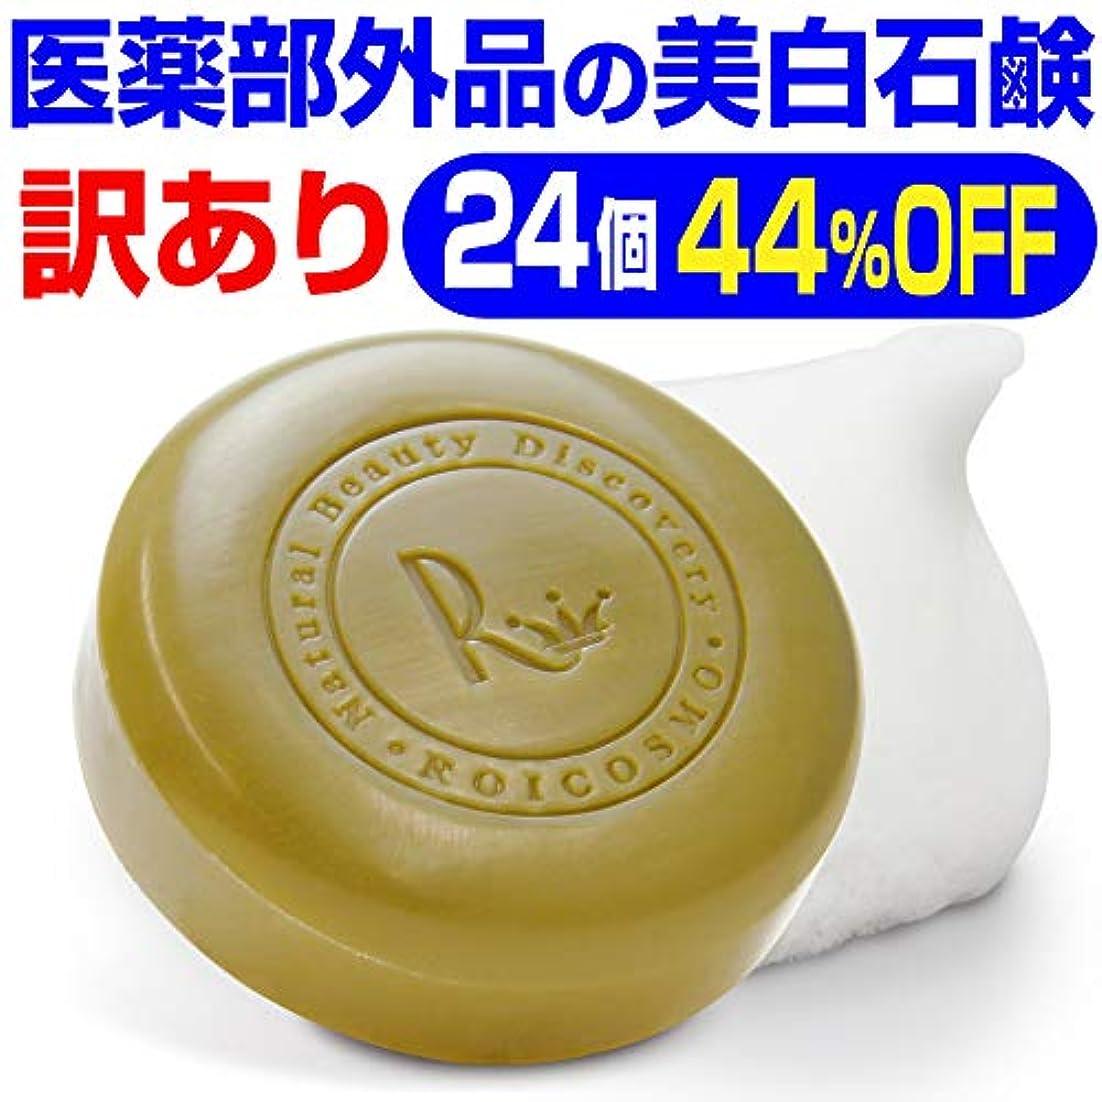 衝撃民兵前置詞訳あり44%OFF(1個2,143円)売切れ御免 ビタミンC270倍の美白成分の 洗顔石鹸『ホワイトソープ100g×24個』